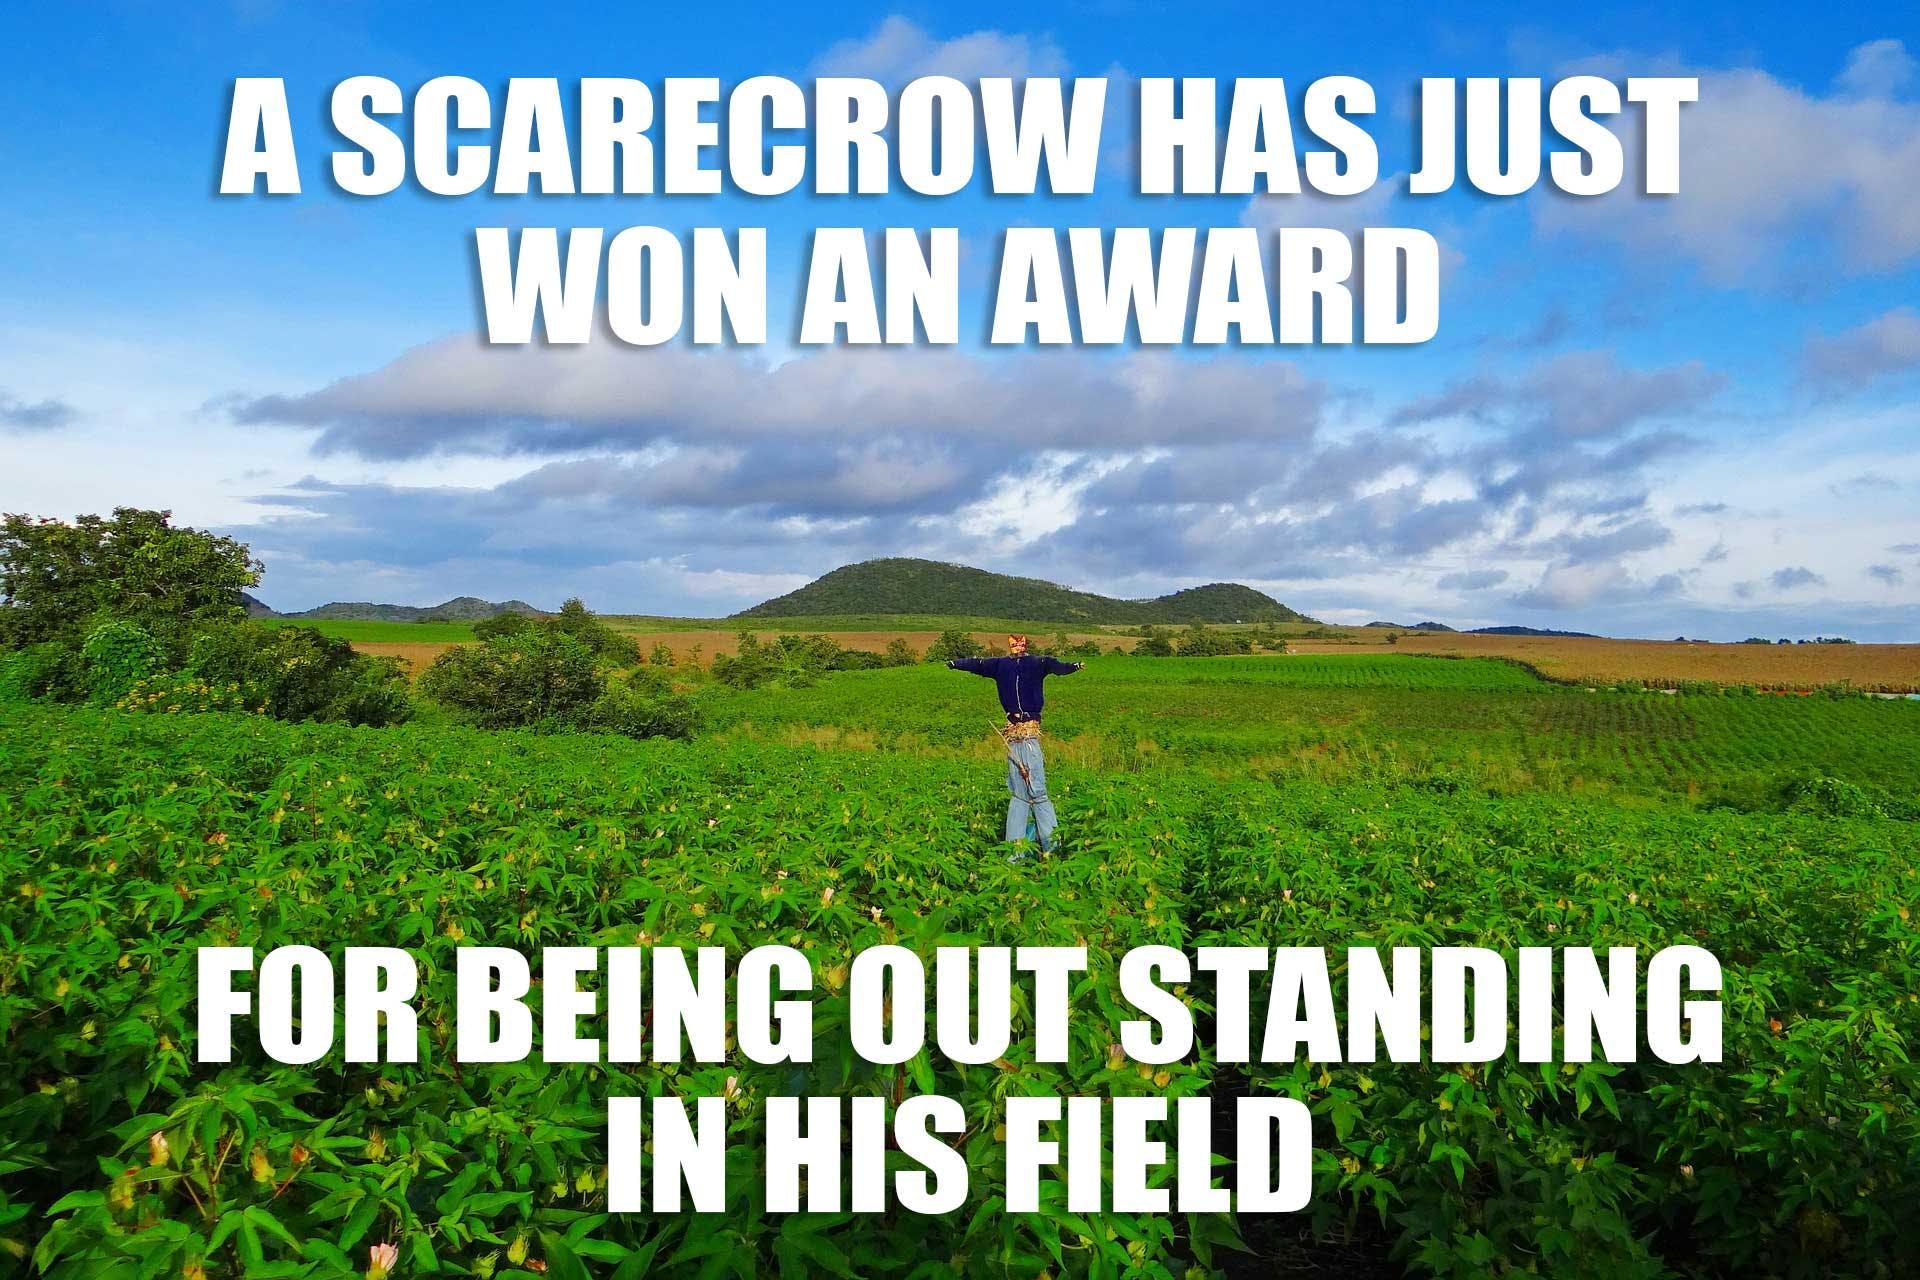 A scarecrow has won an award